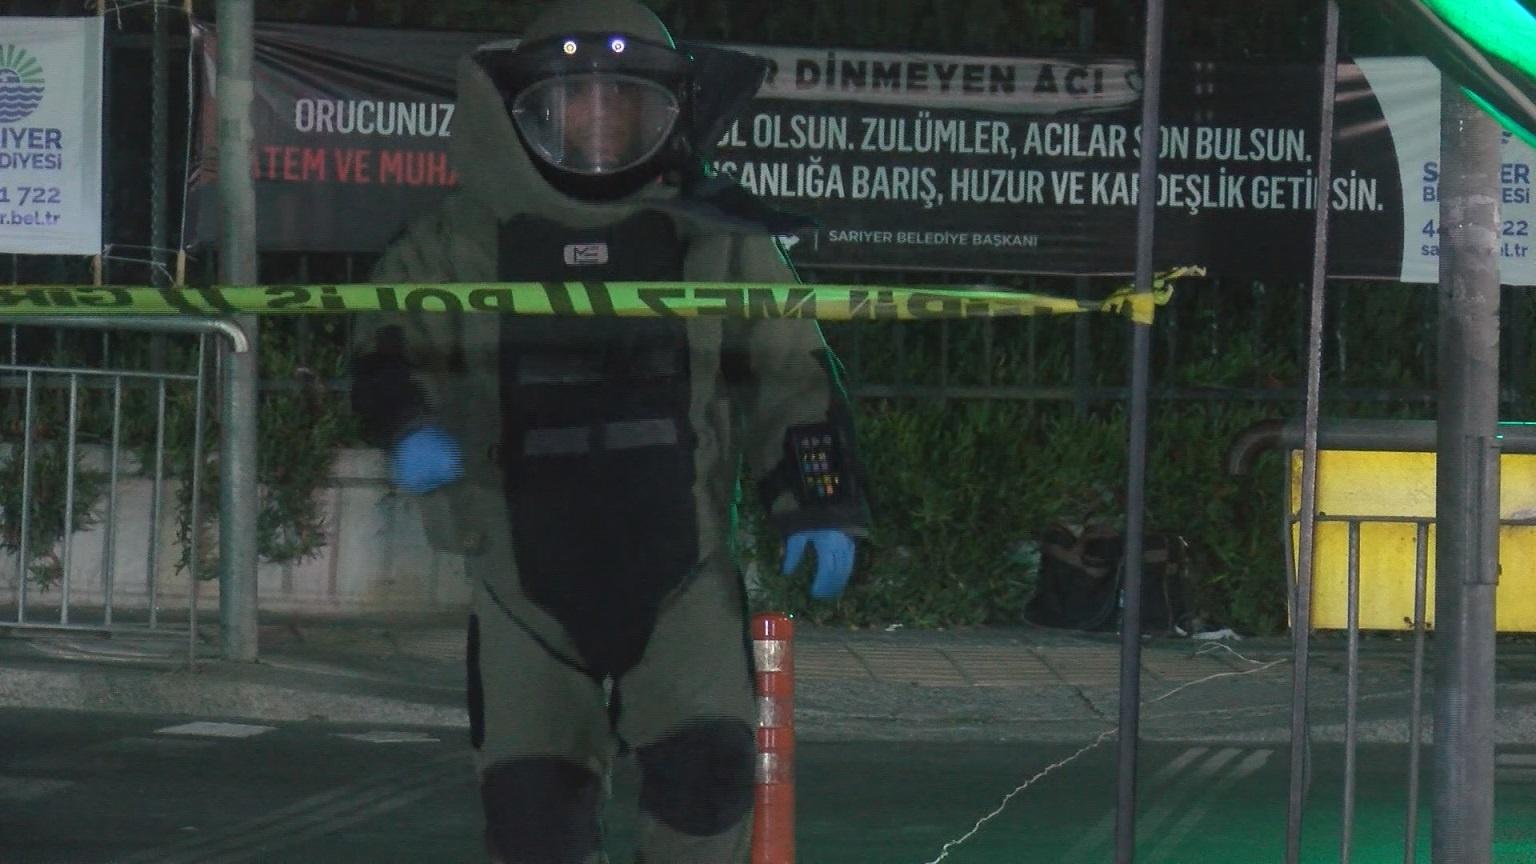 Sarıyer'de Hacıosman Metro durağında şüpheli paket alarmı